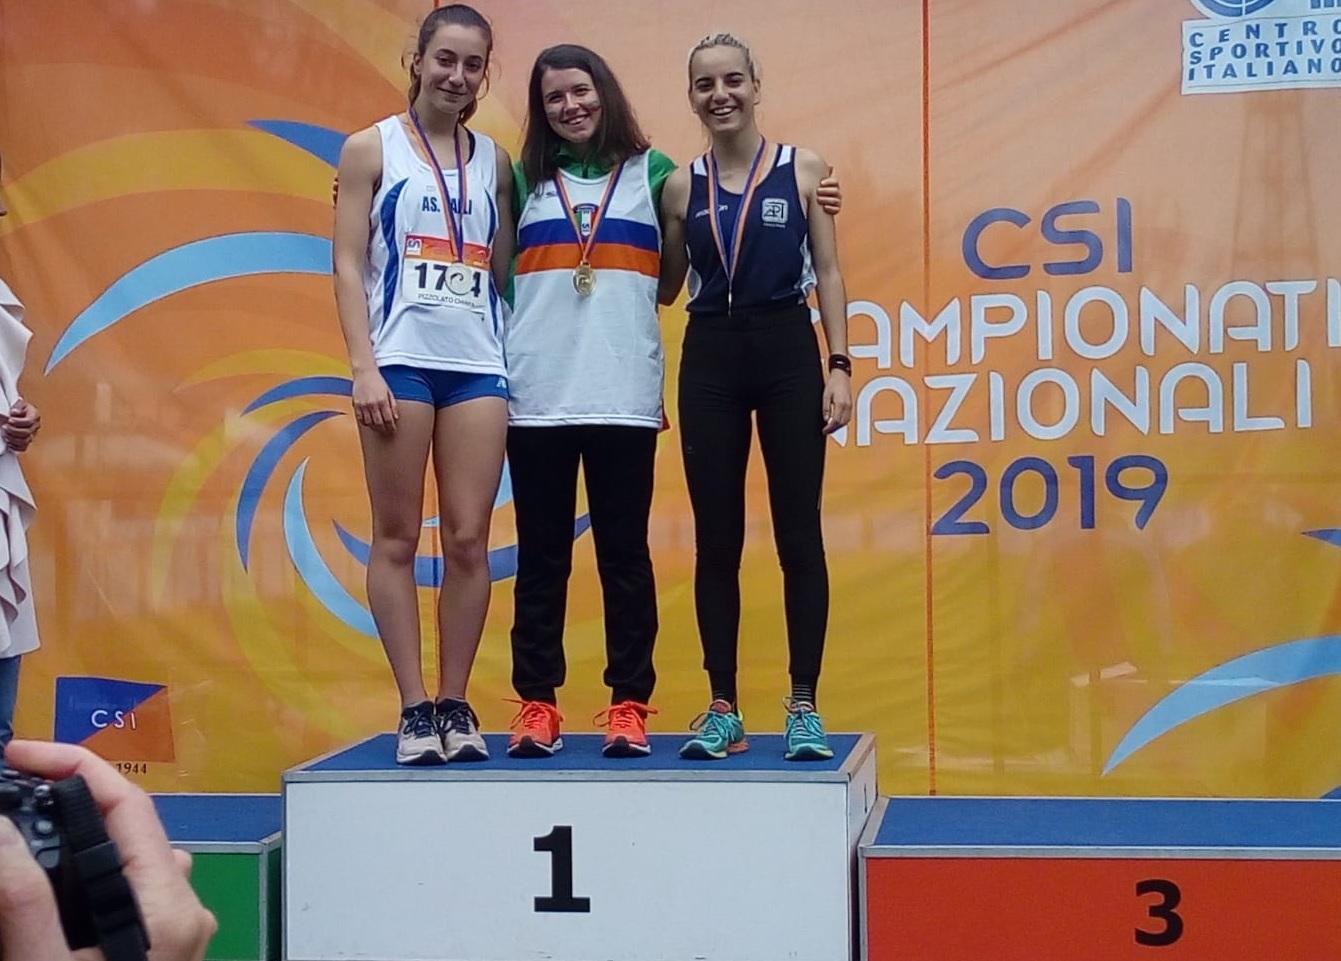 greta-contessa-campionessa-nazionale1